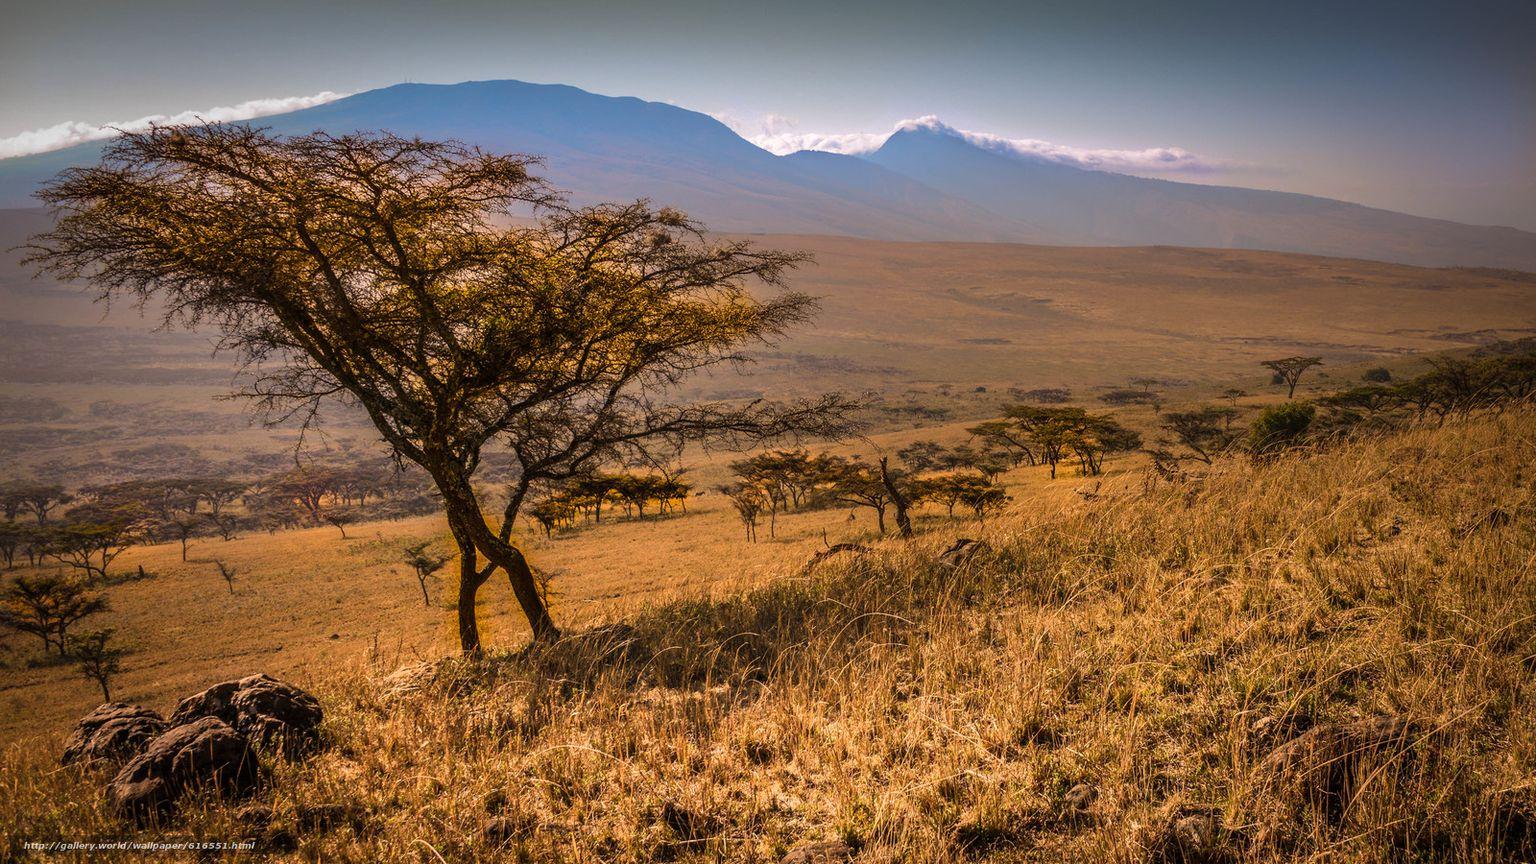 изображением африканские пейзажи в картинках про подходящие ингредиенты